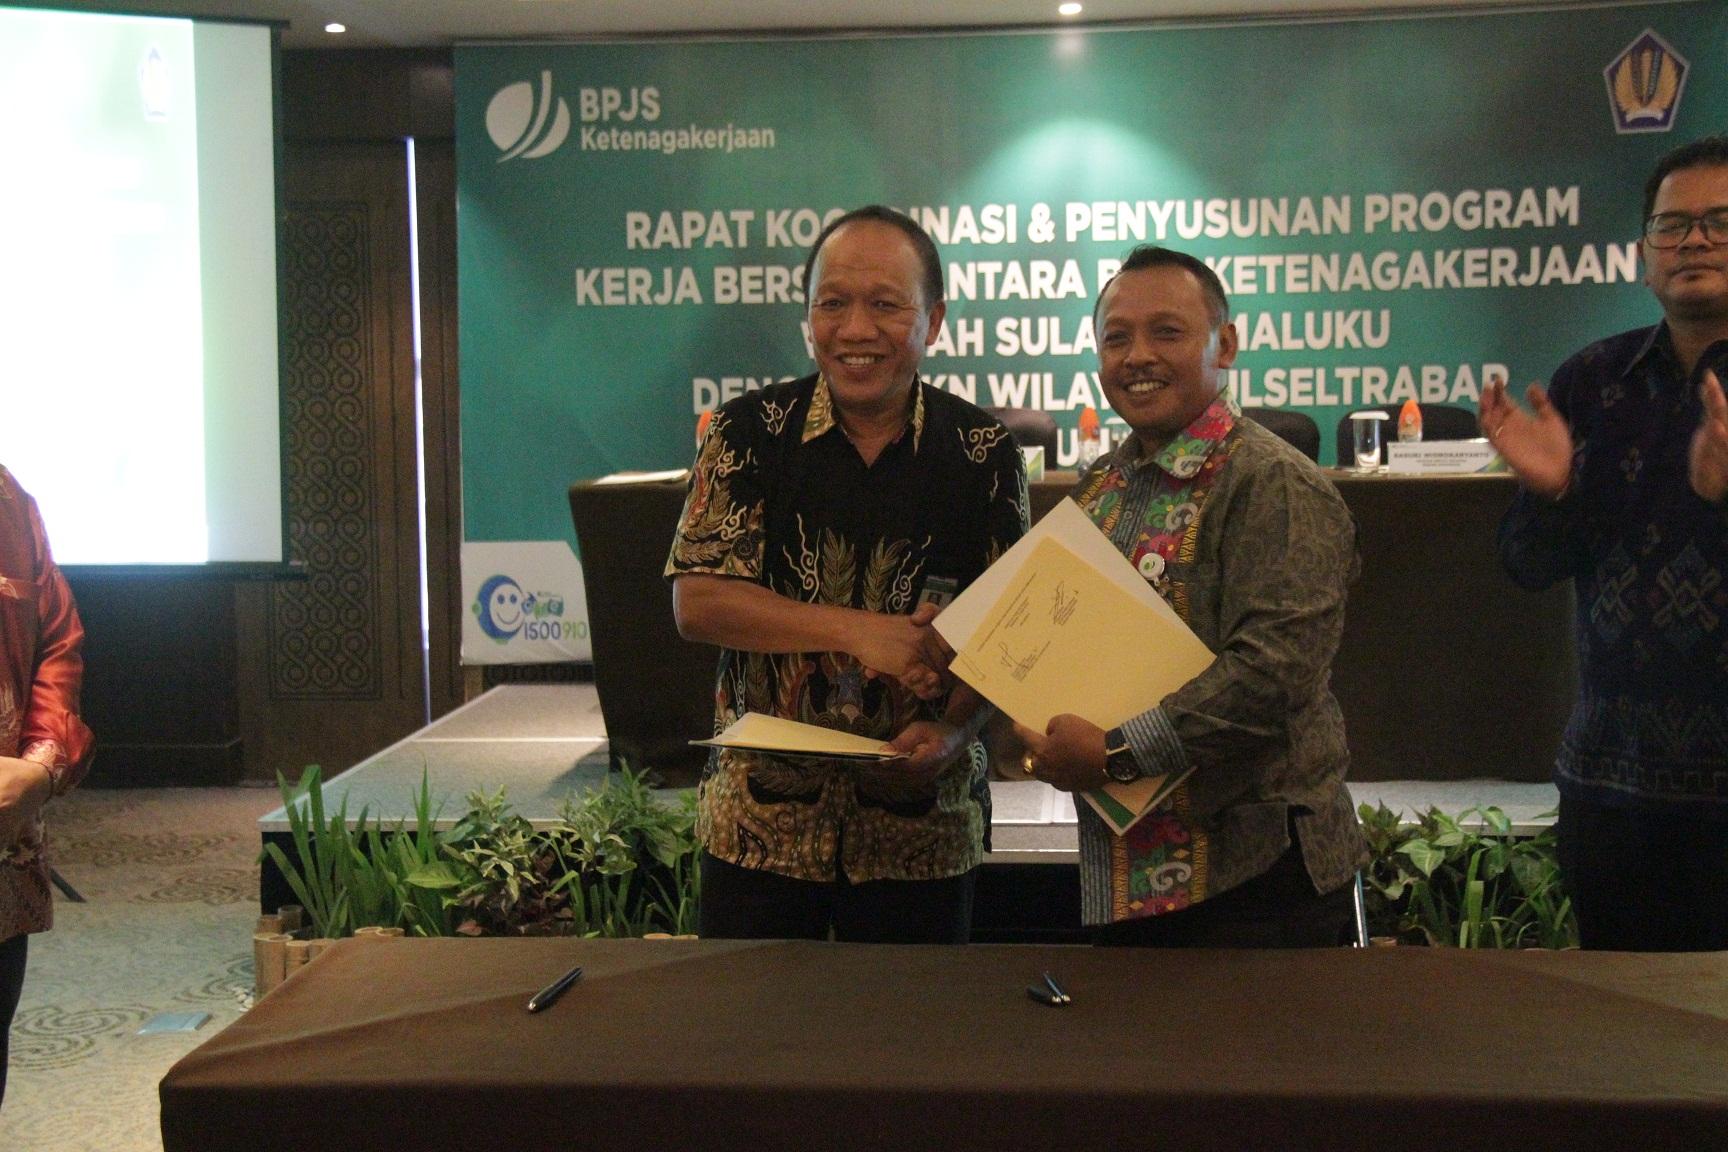 Sinergi KPKNL Makassar dan BPJS Ketenagakerjaan Optimalkan Pengurusan Piutang Negara